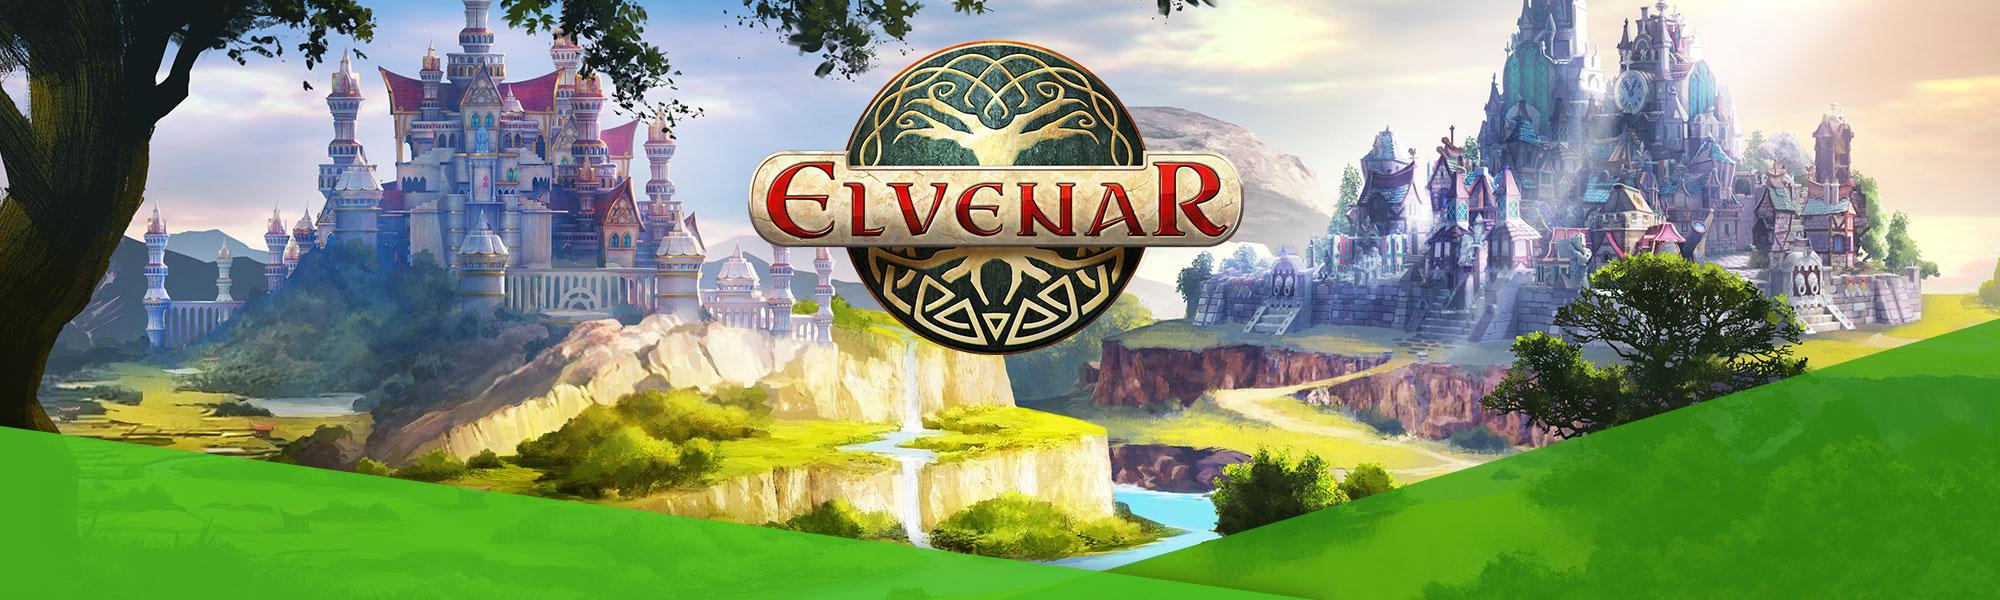 Elvenar fantasy city builder game with elves and humans innogames elvenar gumiabroncs Images